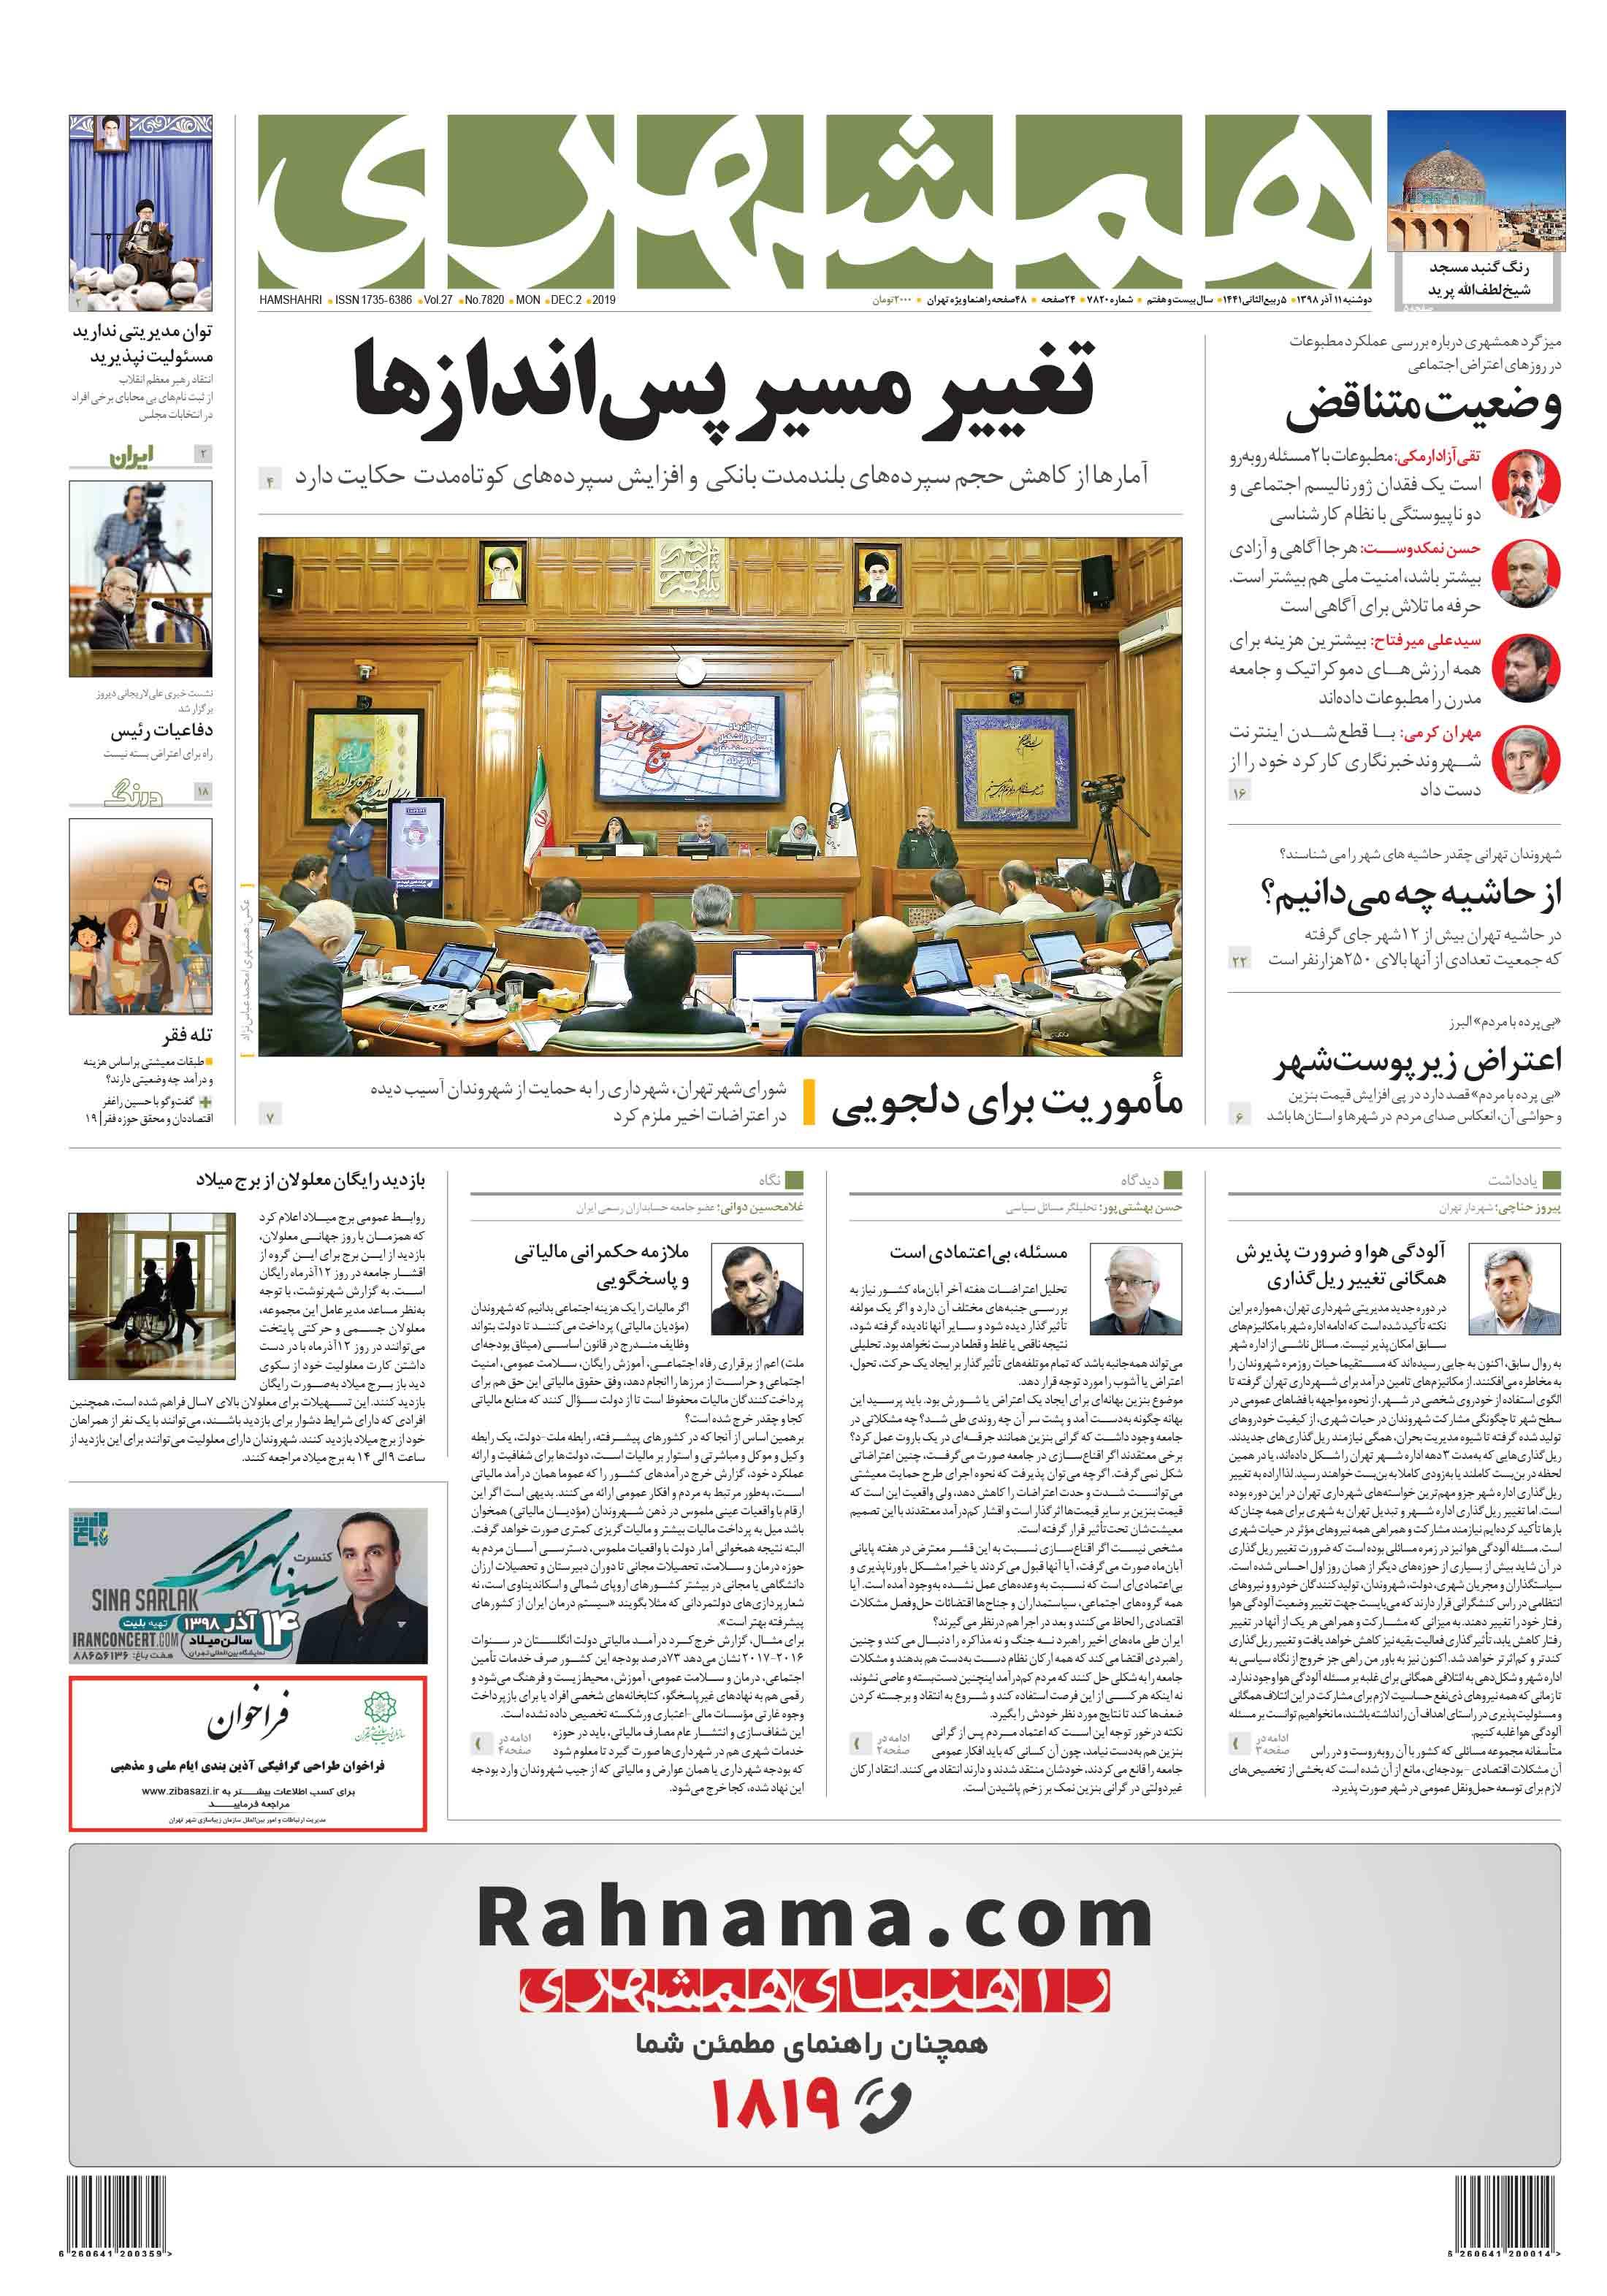 صفحه اول دوشنبه 11 آذر 1398